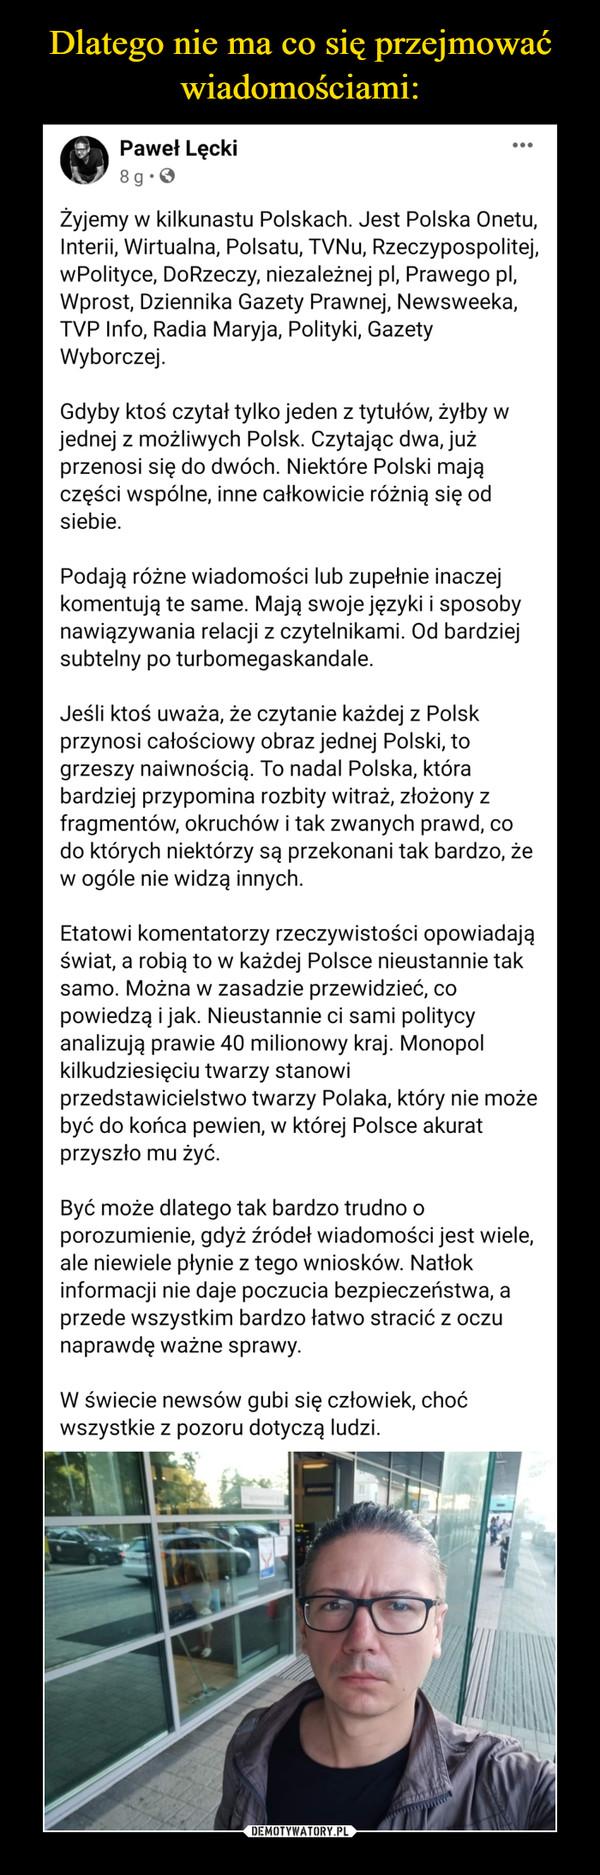 –  Paweł Lęcki9tuoSlapon gosmomredogzd.  · Żyjemy w kilkunastu Polskach. Jest Polska Onetu, Interii, Wirtualna, Polsatu, TVNu, Rzeczypospolitej, wPolityce, DoRzeczy, niezależnej pl, Prawego pl, Wprost, Dziennika Gazety Prawnej, Newsweeka, TVP Info, Radia Maryja, Polityki, Gazety Wyborczej. Gdyby ktoś czytał tylko jeden z tytułów, żyłby w jednej z możliwych Polsk. Czytając dwa, już przenosi się do dwóch. Niektóre Polski mają części wspólne, inne całkowicie różnią się od siebie. Podają różne wiadomości lub zupełnie inaczej komentują te same. Mają swoje języki i sposoby nawiązywania relacji z czytelnikami. Od bardziej subtelny po turbomegaskandale. Jeśli ktoś uważa, że czytanie każdej z Polsk przynosi całościowy obraz jednej Polski, to grzeszy naiwnością. To nadal Polska, która bardziej przypomina rozbity witraż, złożony z fragmentów, okruchów i tak zwanych prawd, co do których niektórzy są przekonani tak bardzo, że w ogóle nie widzą innych. Etatowi komentatorzy rzeczywistości opowiadają świat, a robią to w każdej Polsce nieustannie tak samo. Można w zasadzie przewidzieć, co powiedzą i jak. Nieustannie ci sami politycy analizują prawie 40 milionowy kraj. Monopol kilkudziesięciu twarzy stanowi przedstawicielstwo twarzy Polaka, który nie może być do końca pewien, w której Polsce akurat przyszło mu żyć. Być może dlatego tak bardzo trudno o porozumienie, gdyż źródeł wiadomości jest wiele, ale niewiele płynie z tego wniosków. Natłok informacji nie daje poczucia bezpieczeństwa, a przede wszystkim bardzo łatwo stracić z oczu naprawdę ważne sprawy. W świecie newsów gubi się człowiek, choć wszystkie z pozoru dotyczą ludzi.